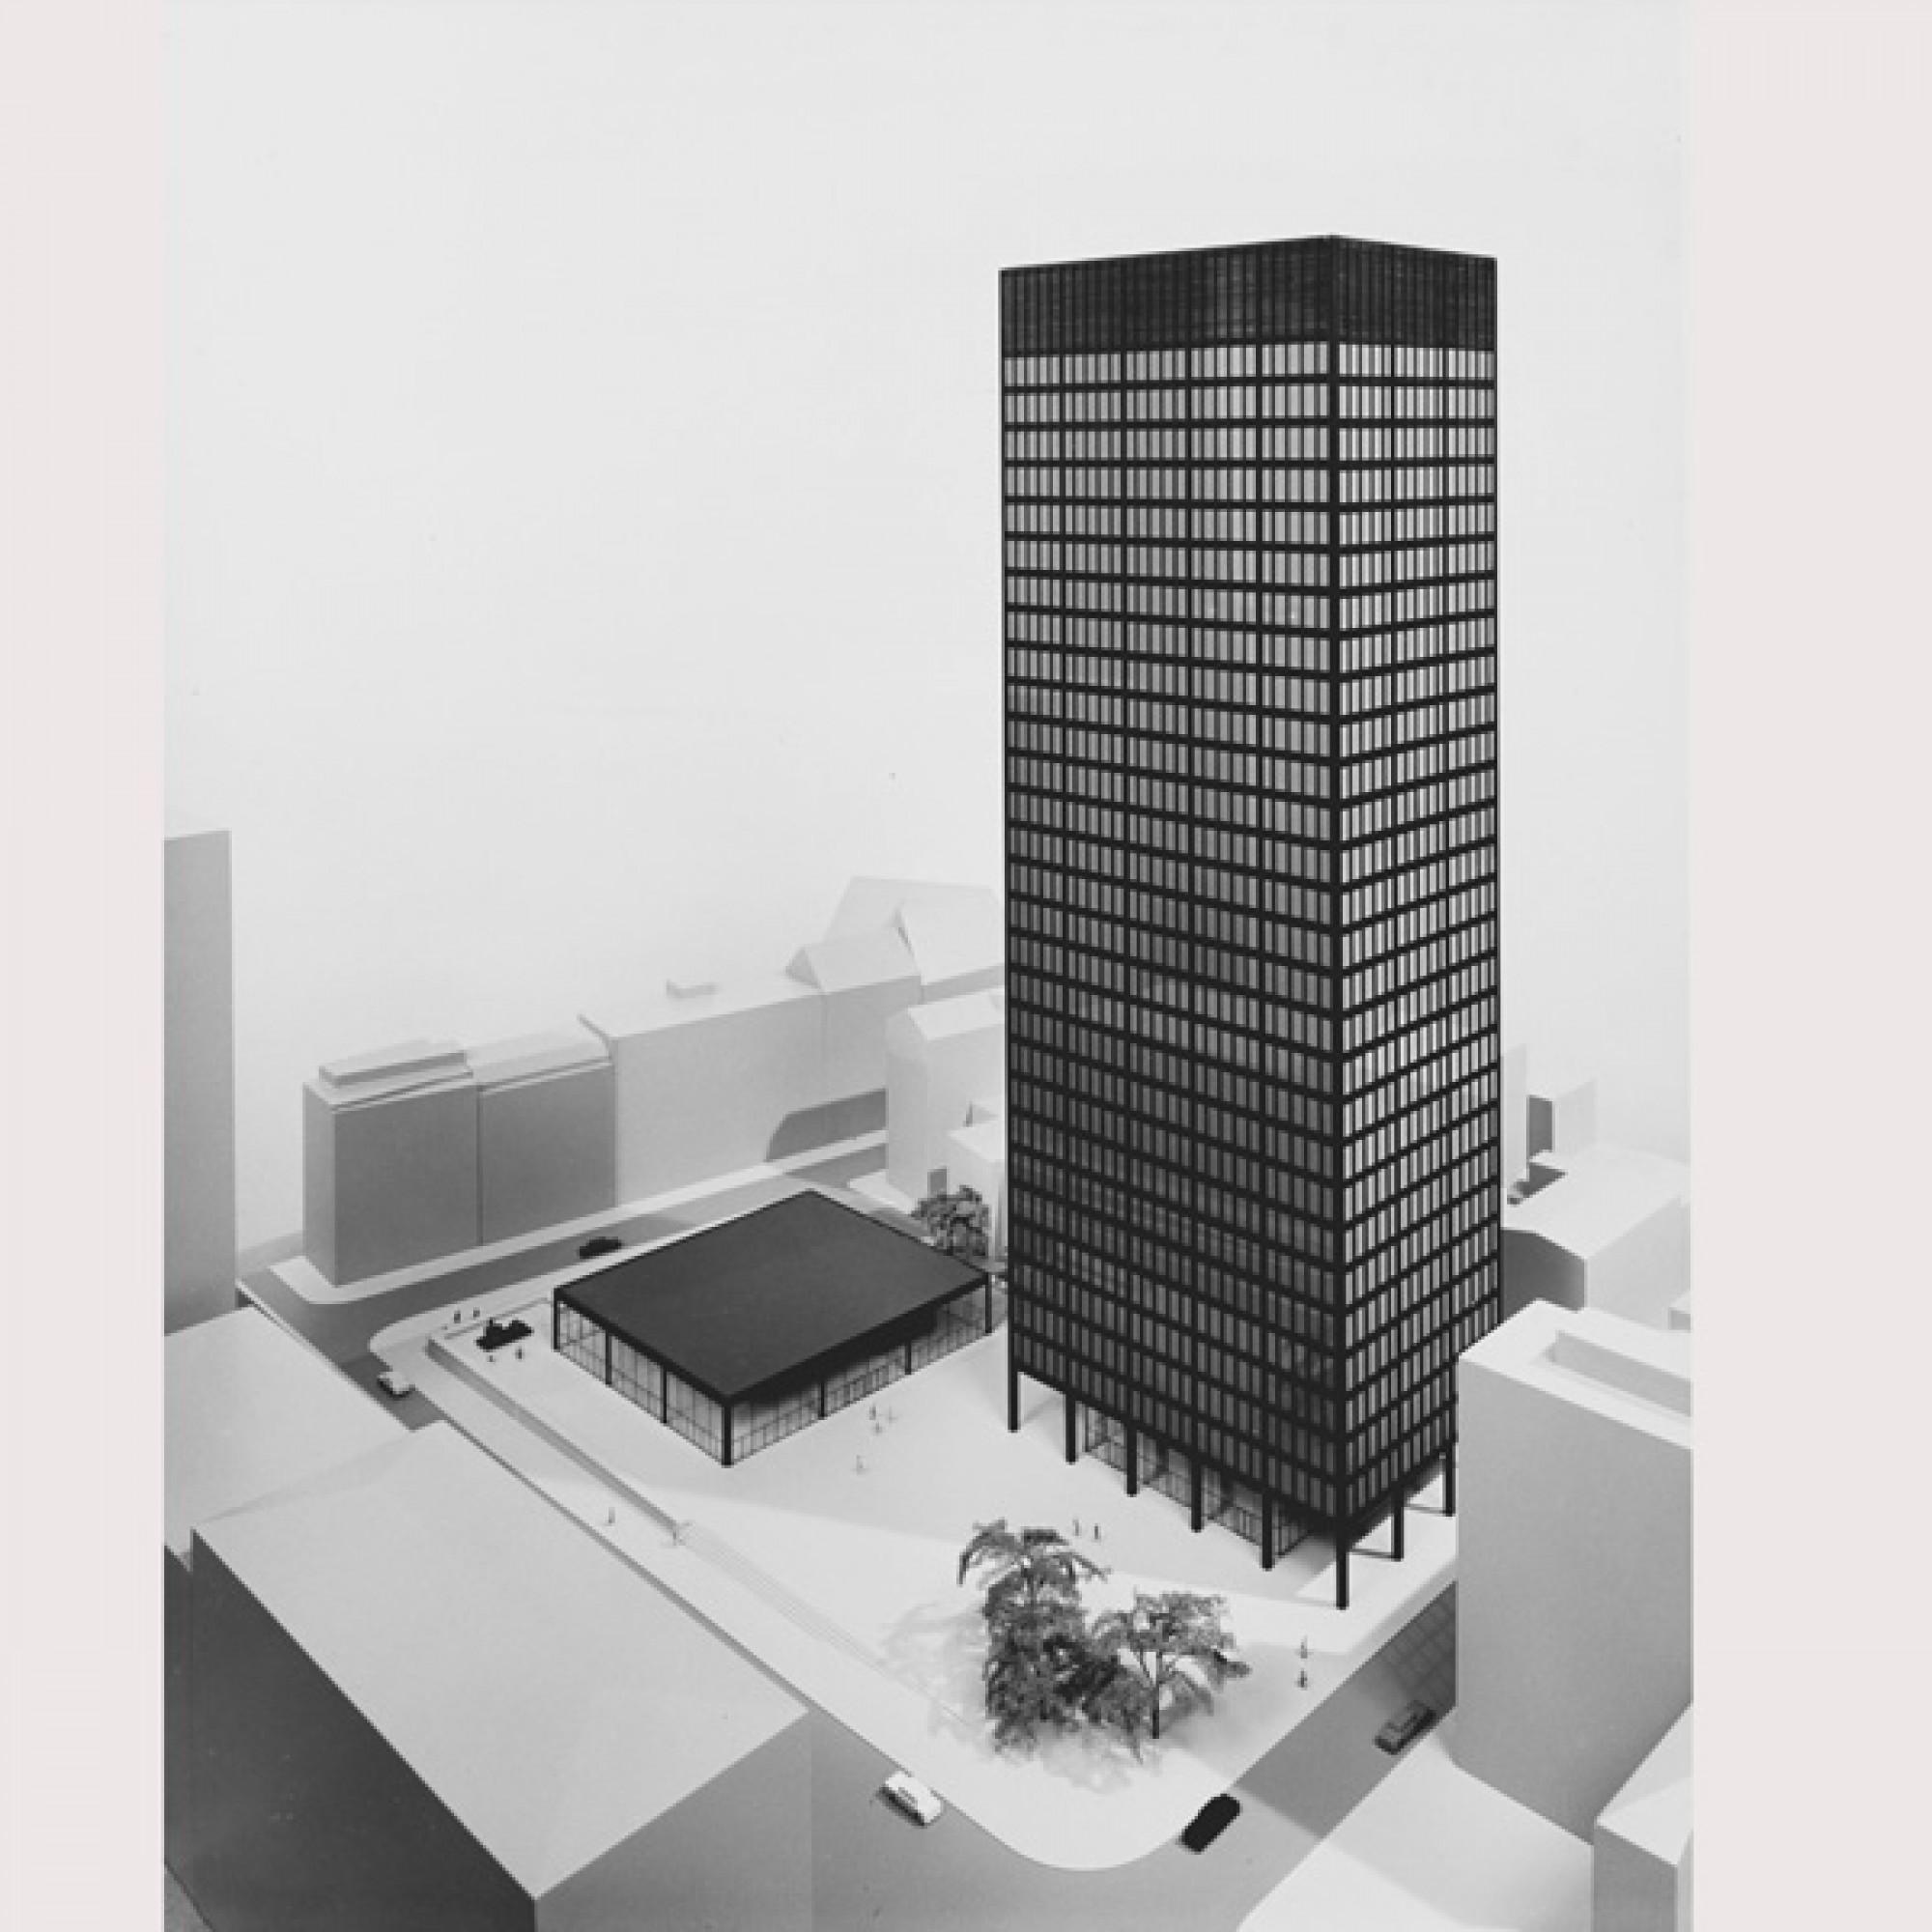 Wettbewerbsentwurf für die Commerzbank, Ludwig Mies van der Rohe, 1968 (201 MoMA, New York; Scala, Florenz)